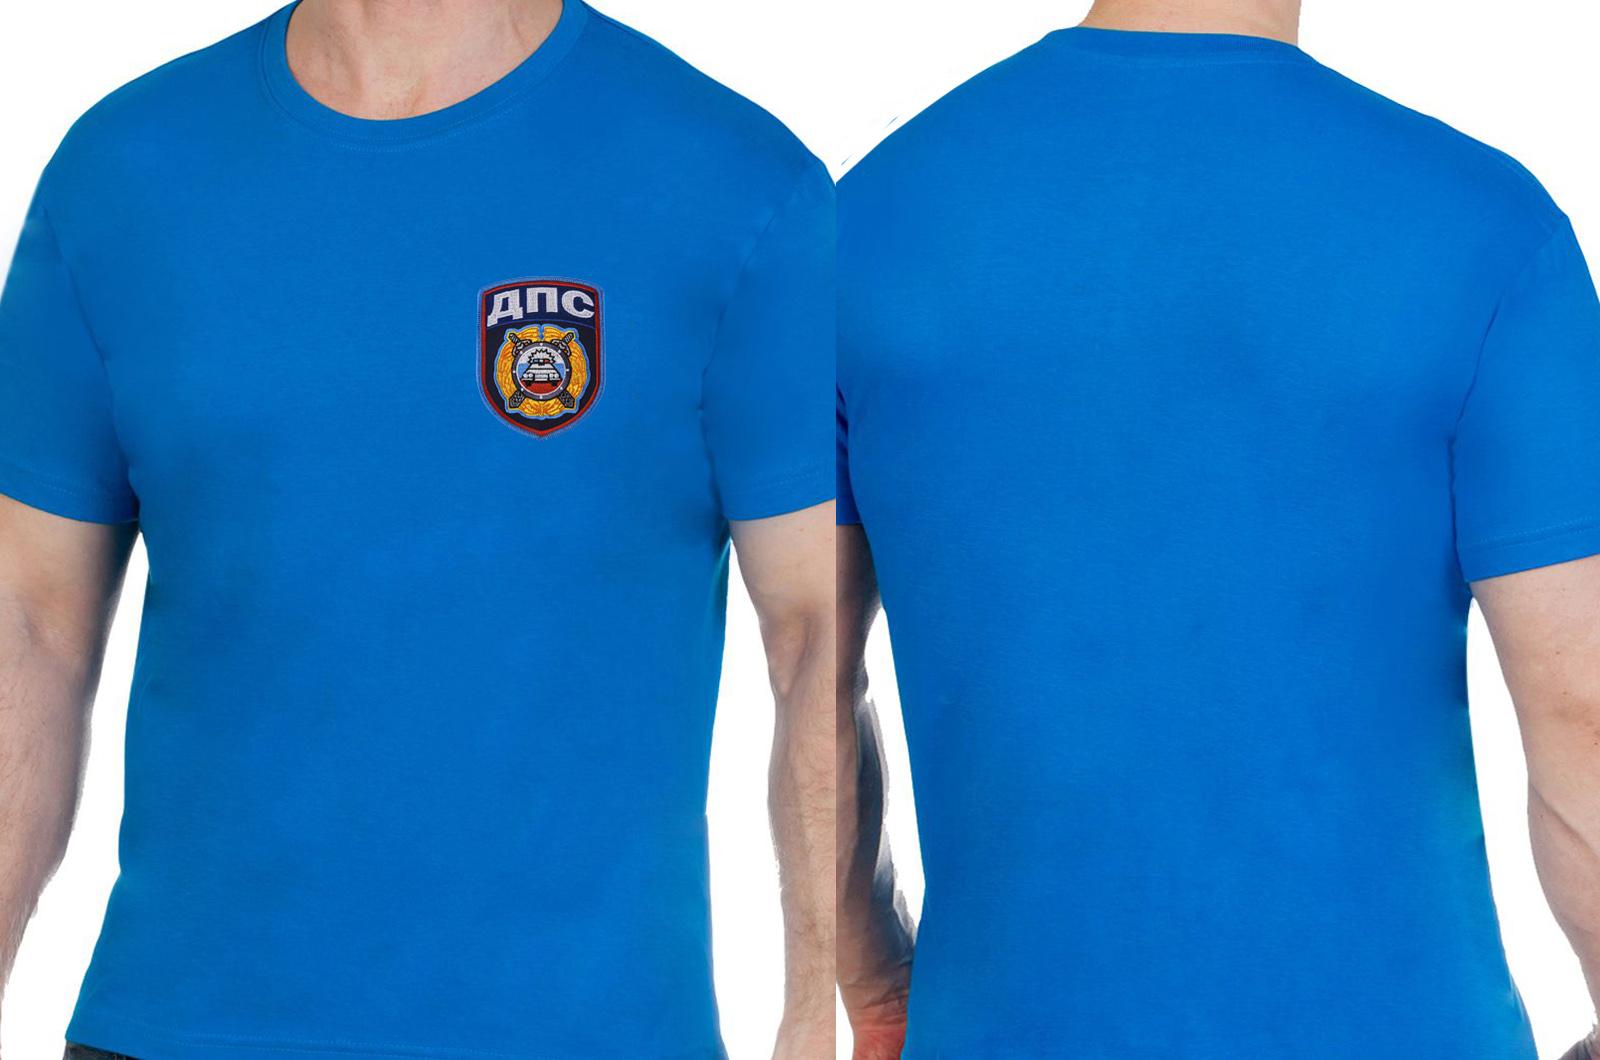 Сочно-синяя мужская футболка ДПС - заказать оптом